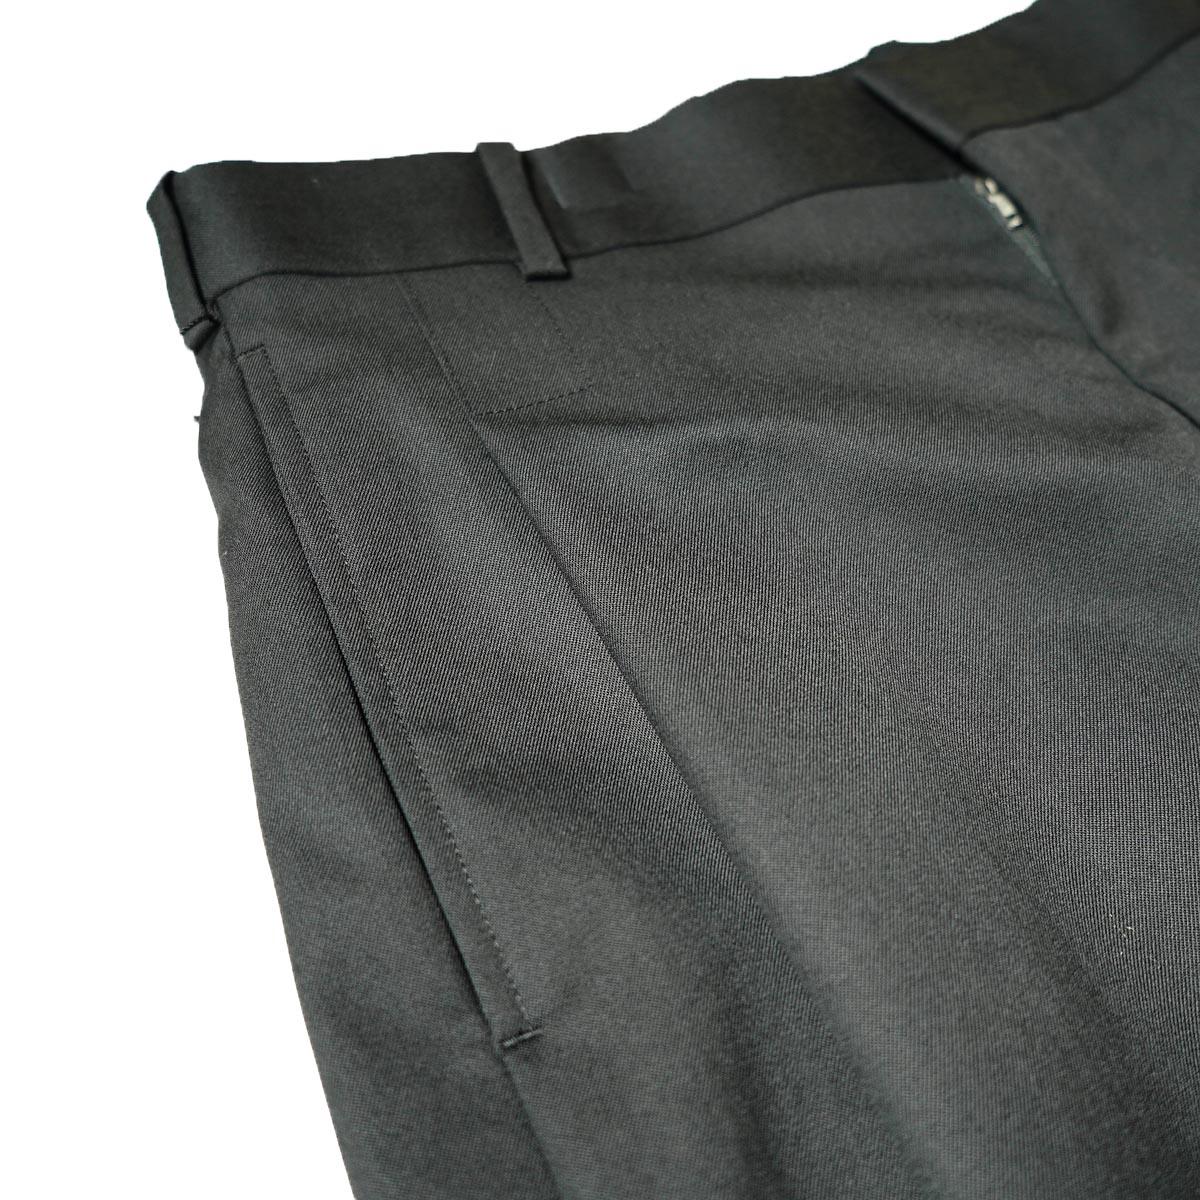 N.HOOLYWOOD / 2212-PT25-022 1TUCK SLACKS (Black)1タック